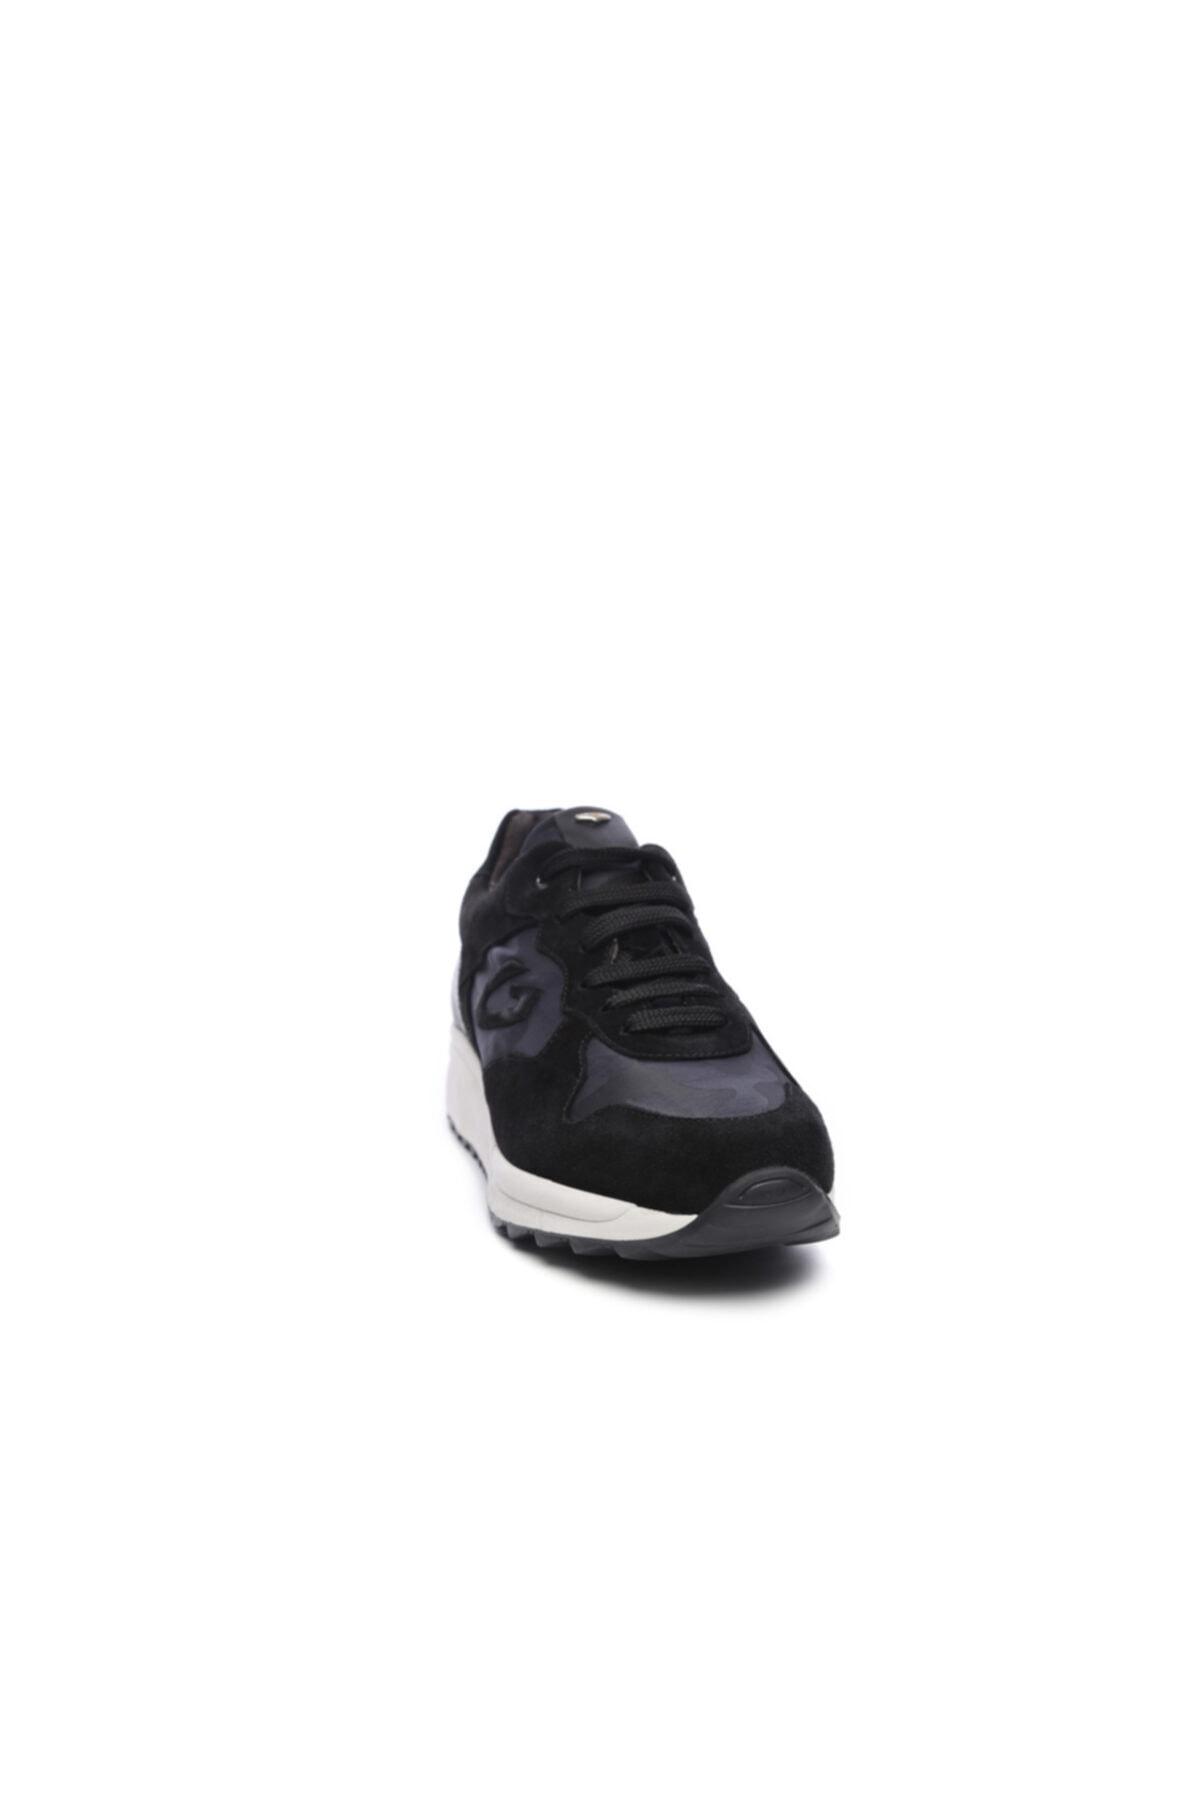 ALBERTO GUARDIANI Kadın Derı Spor Ayakkabı 685 61471c Bn Ayk 2